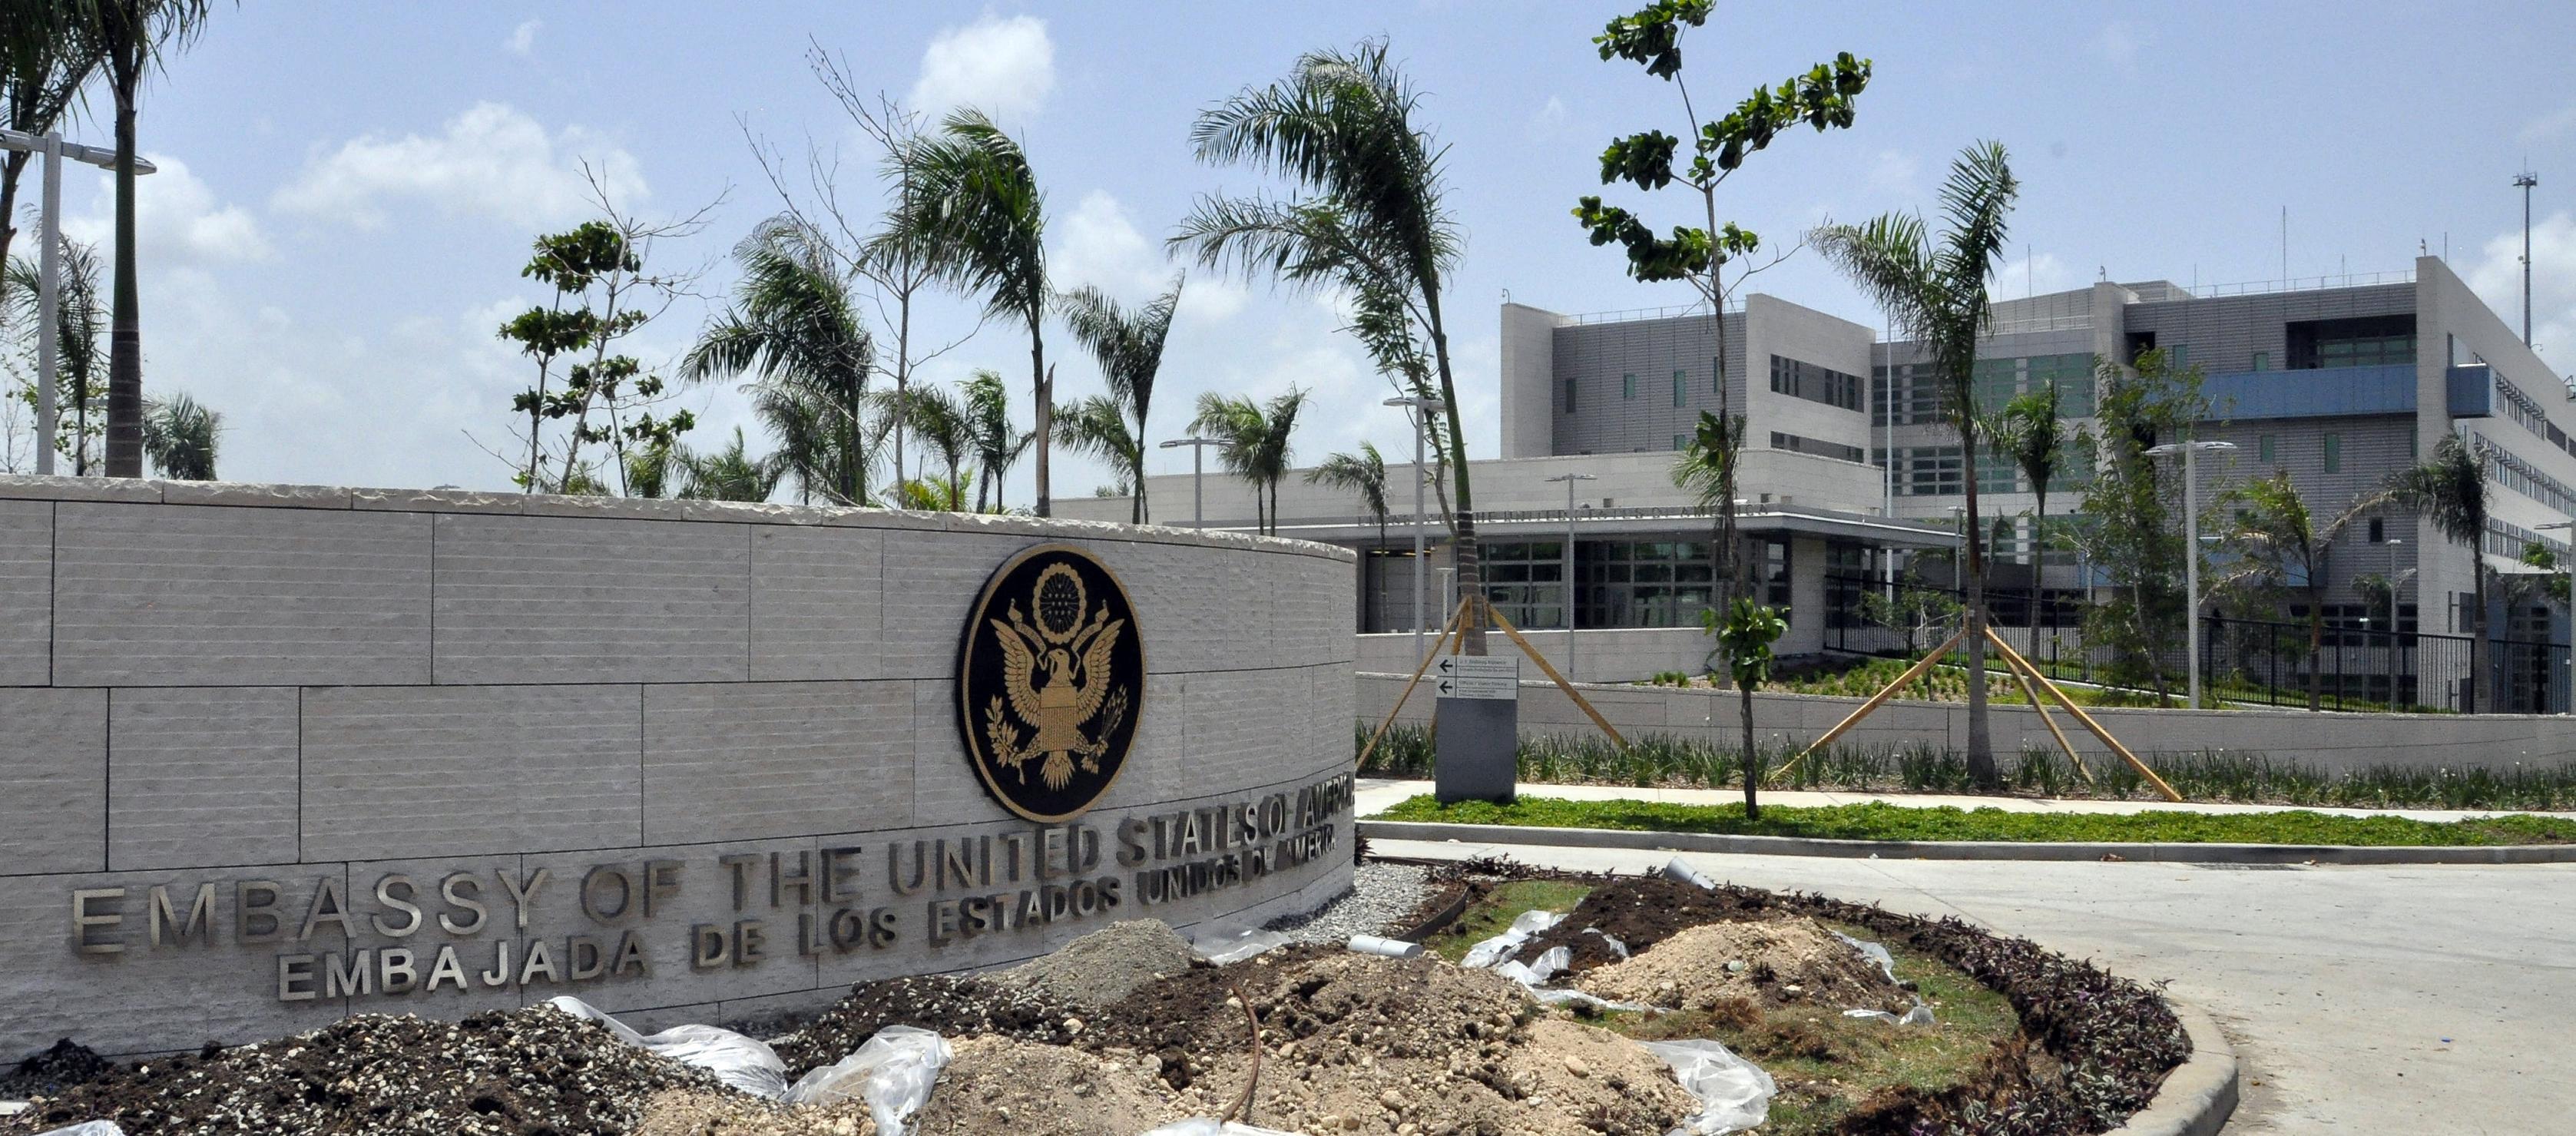 Embajada de los Estados Unidos en Santo Domingo